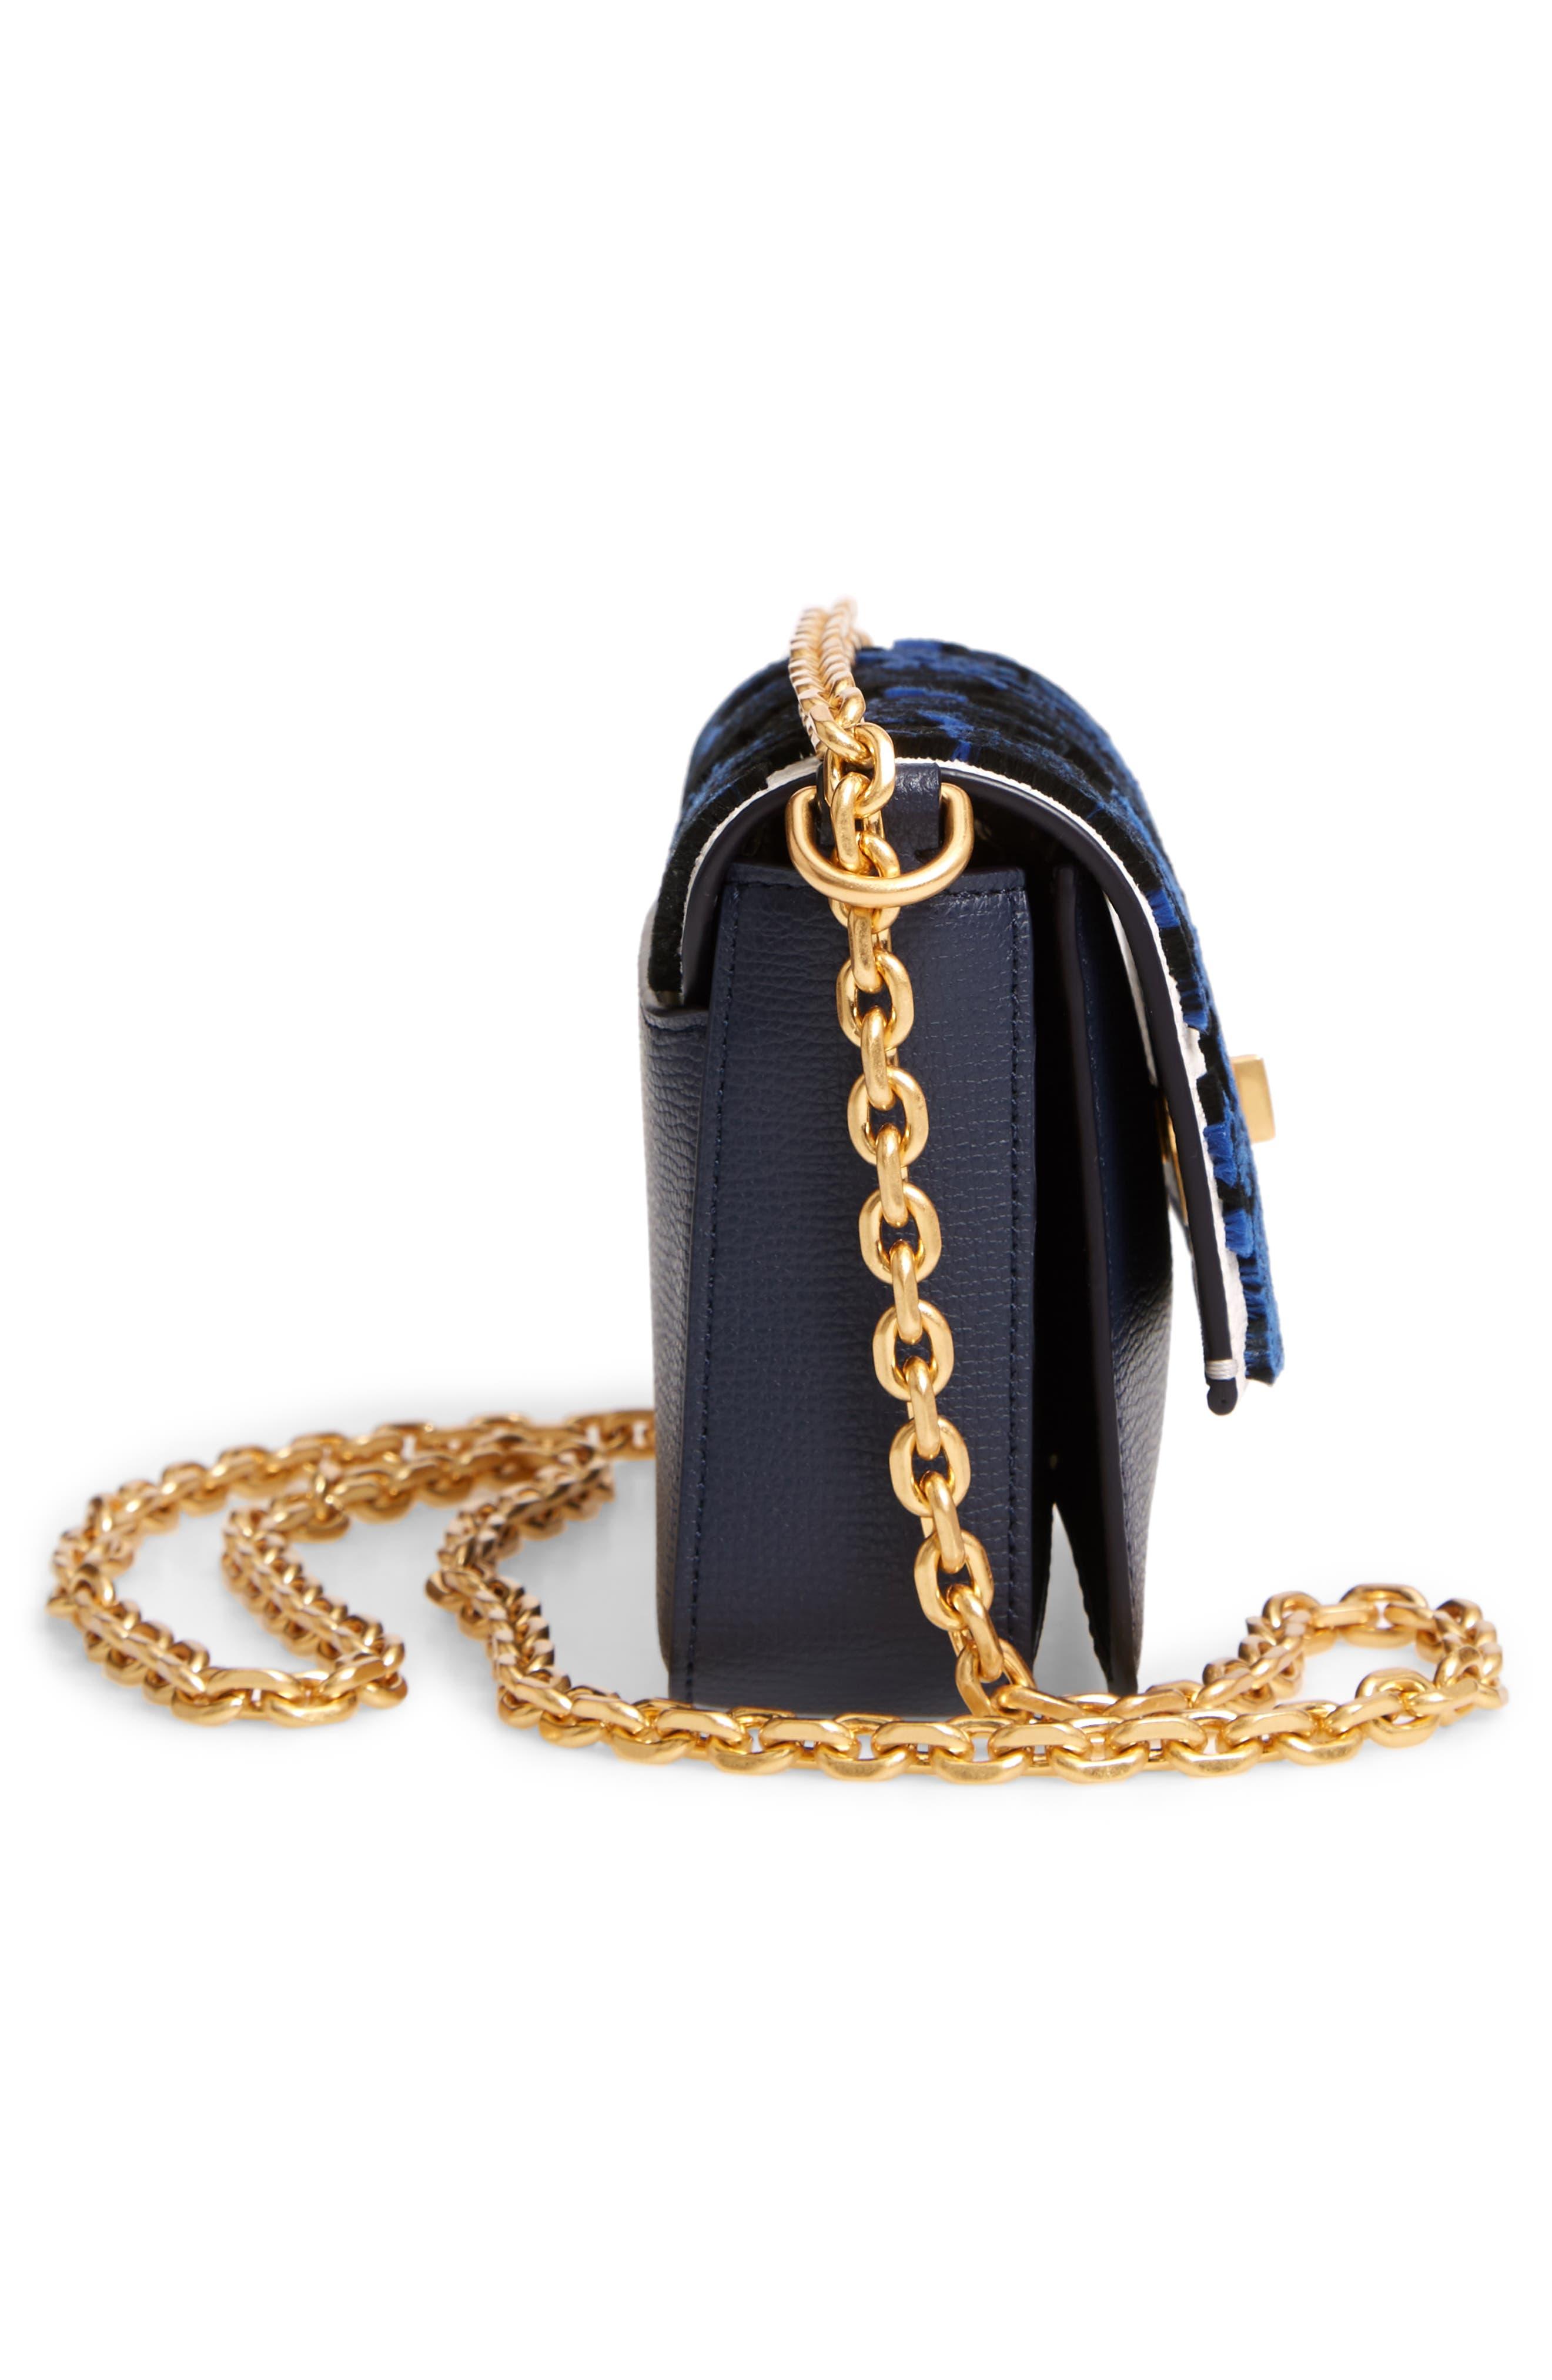 Mini Kira Leather & Fil Coupé Bag,                             Alternate thumbnail 5, color,                             NEUTRAL HAPPY TIMES